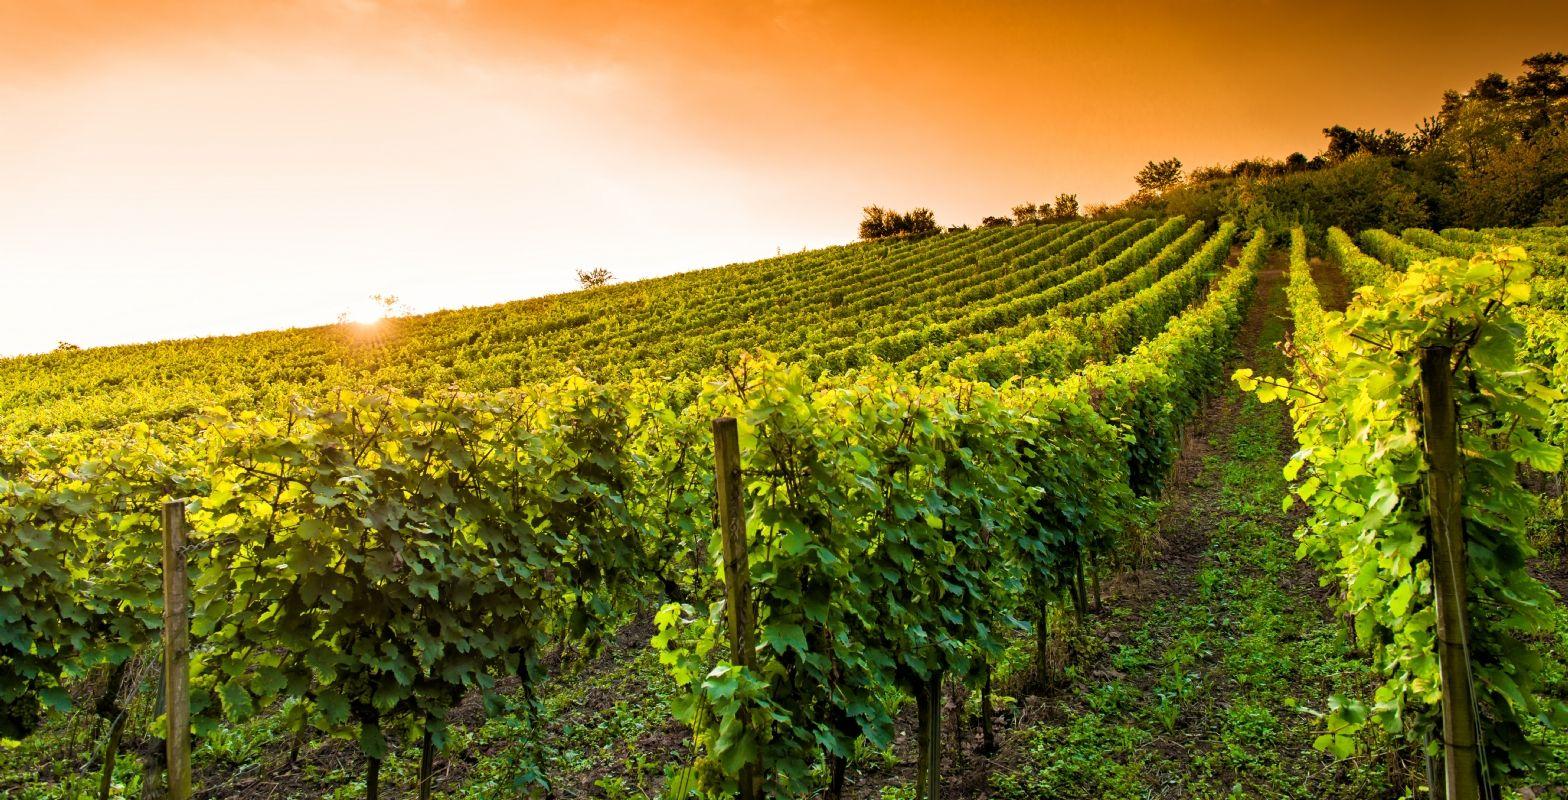 Vente de vin sur internet amazon site pr f r des internautes - Meilleur vente sur internet ...